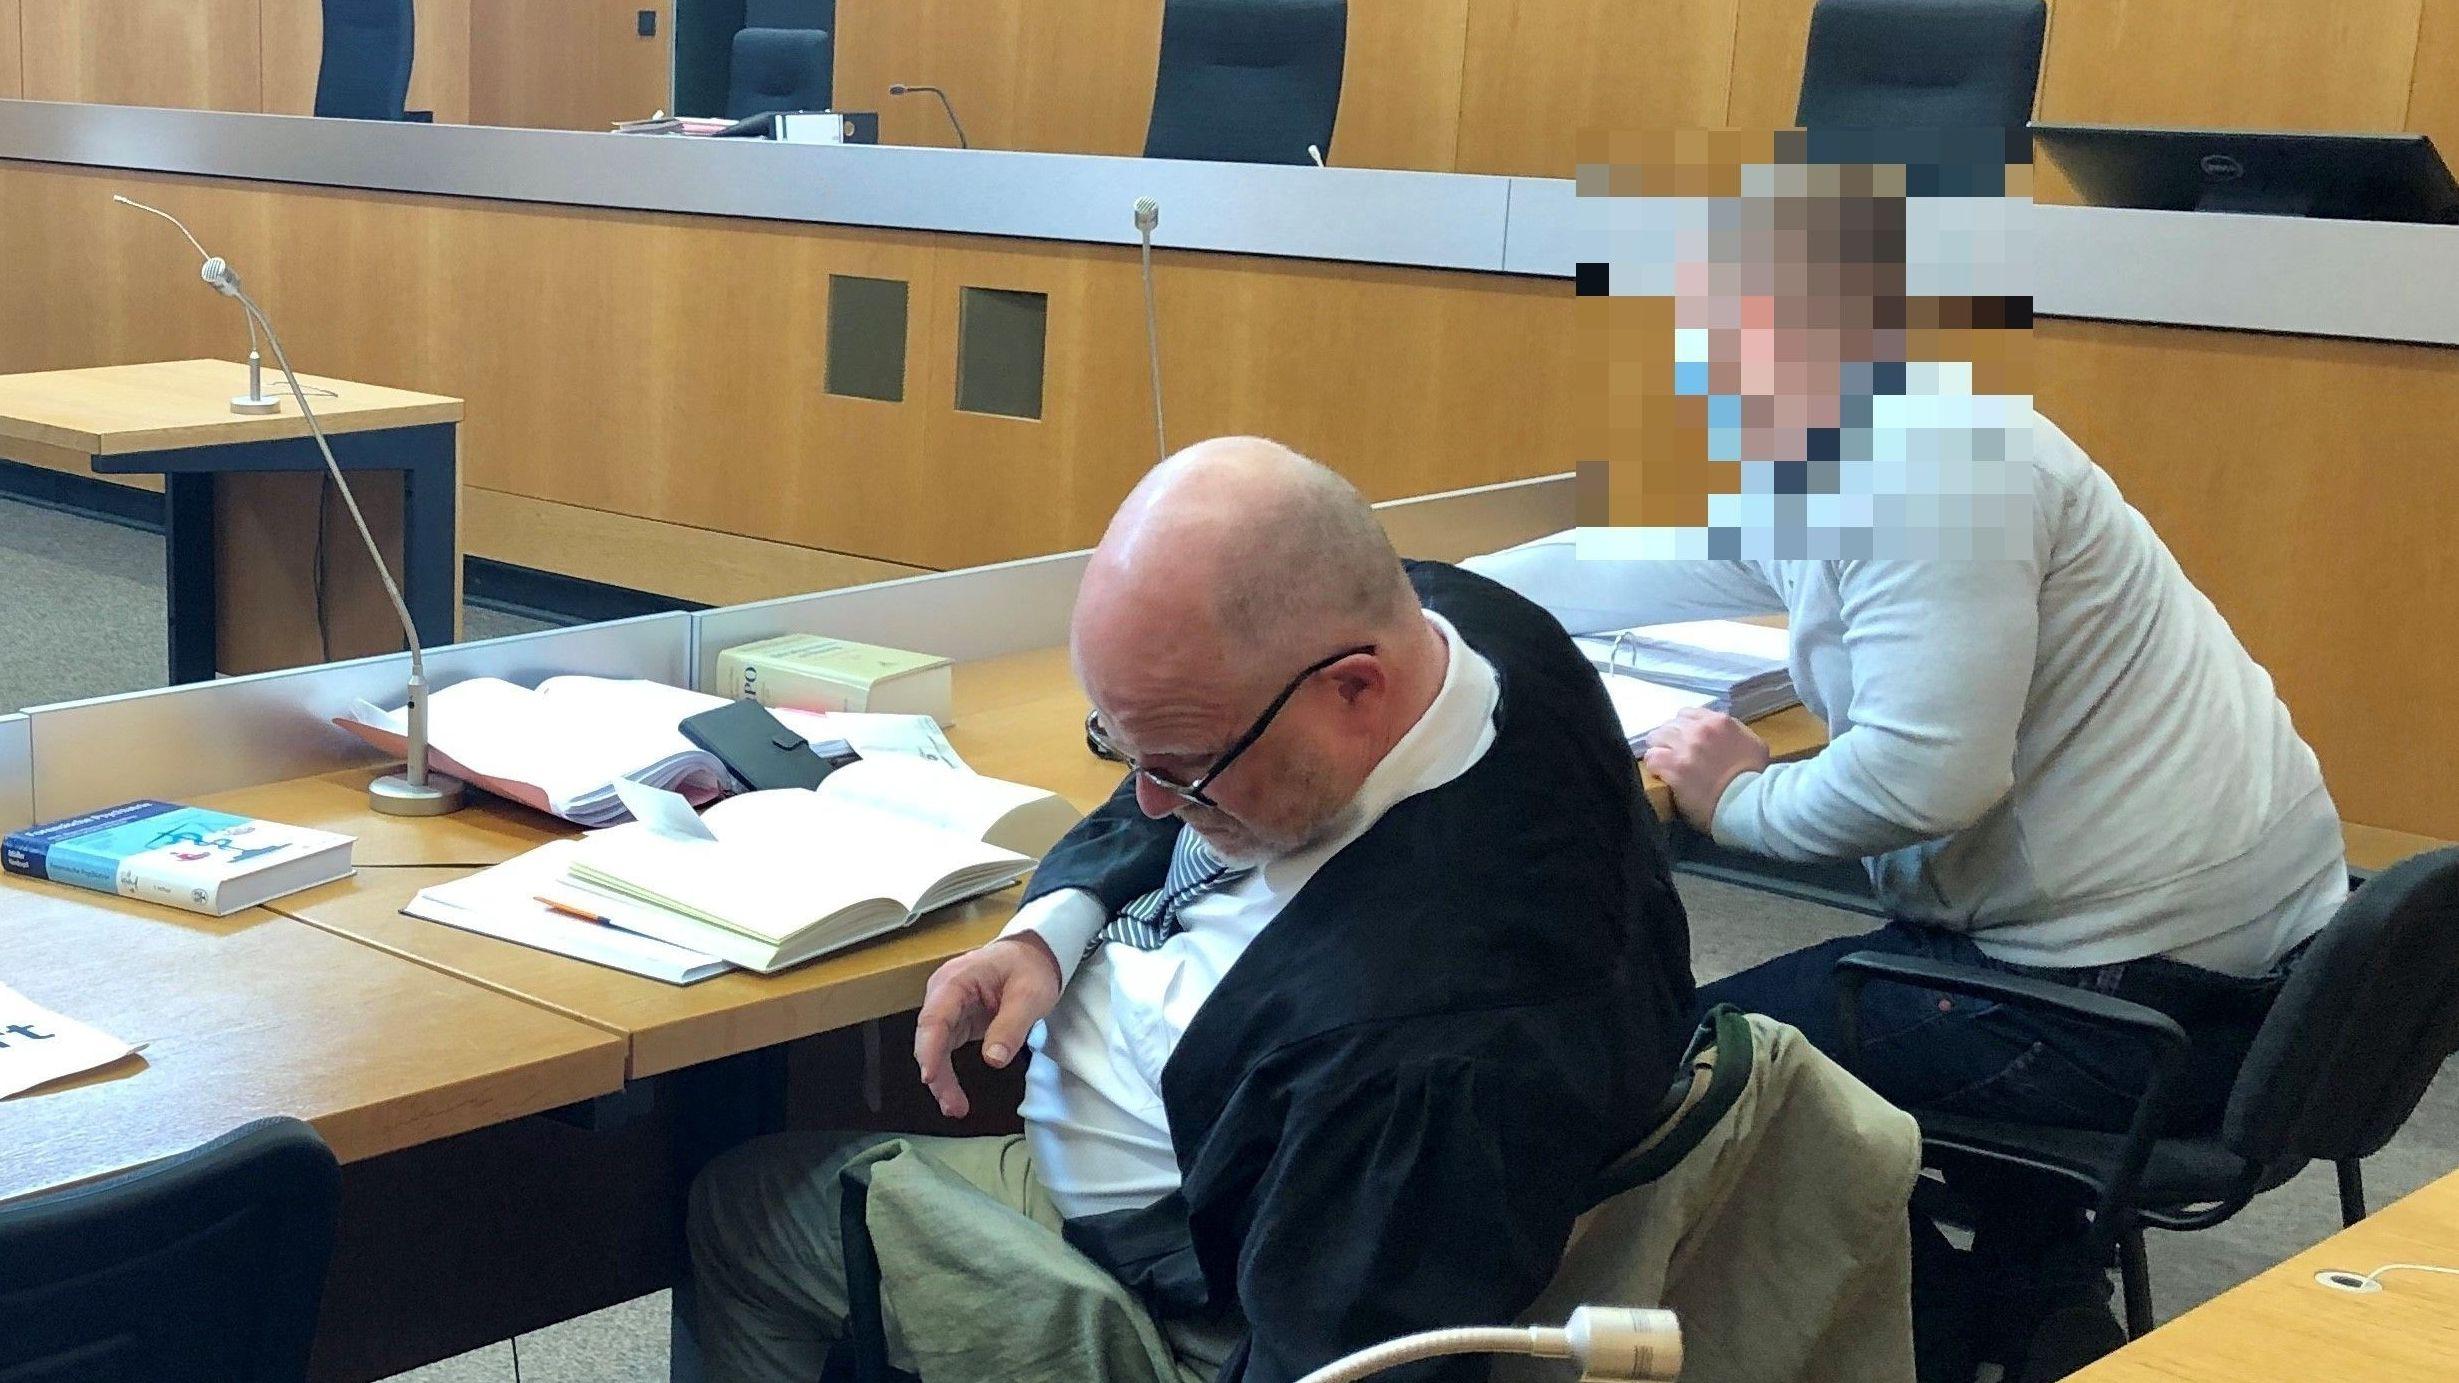 Verteidiger und Angeklagter am Tag der Urteilsverkündung im Landgericht Landshut